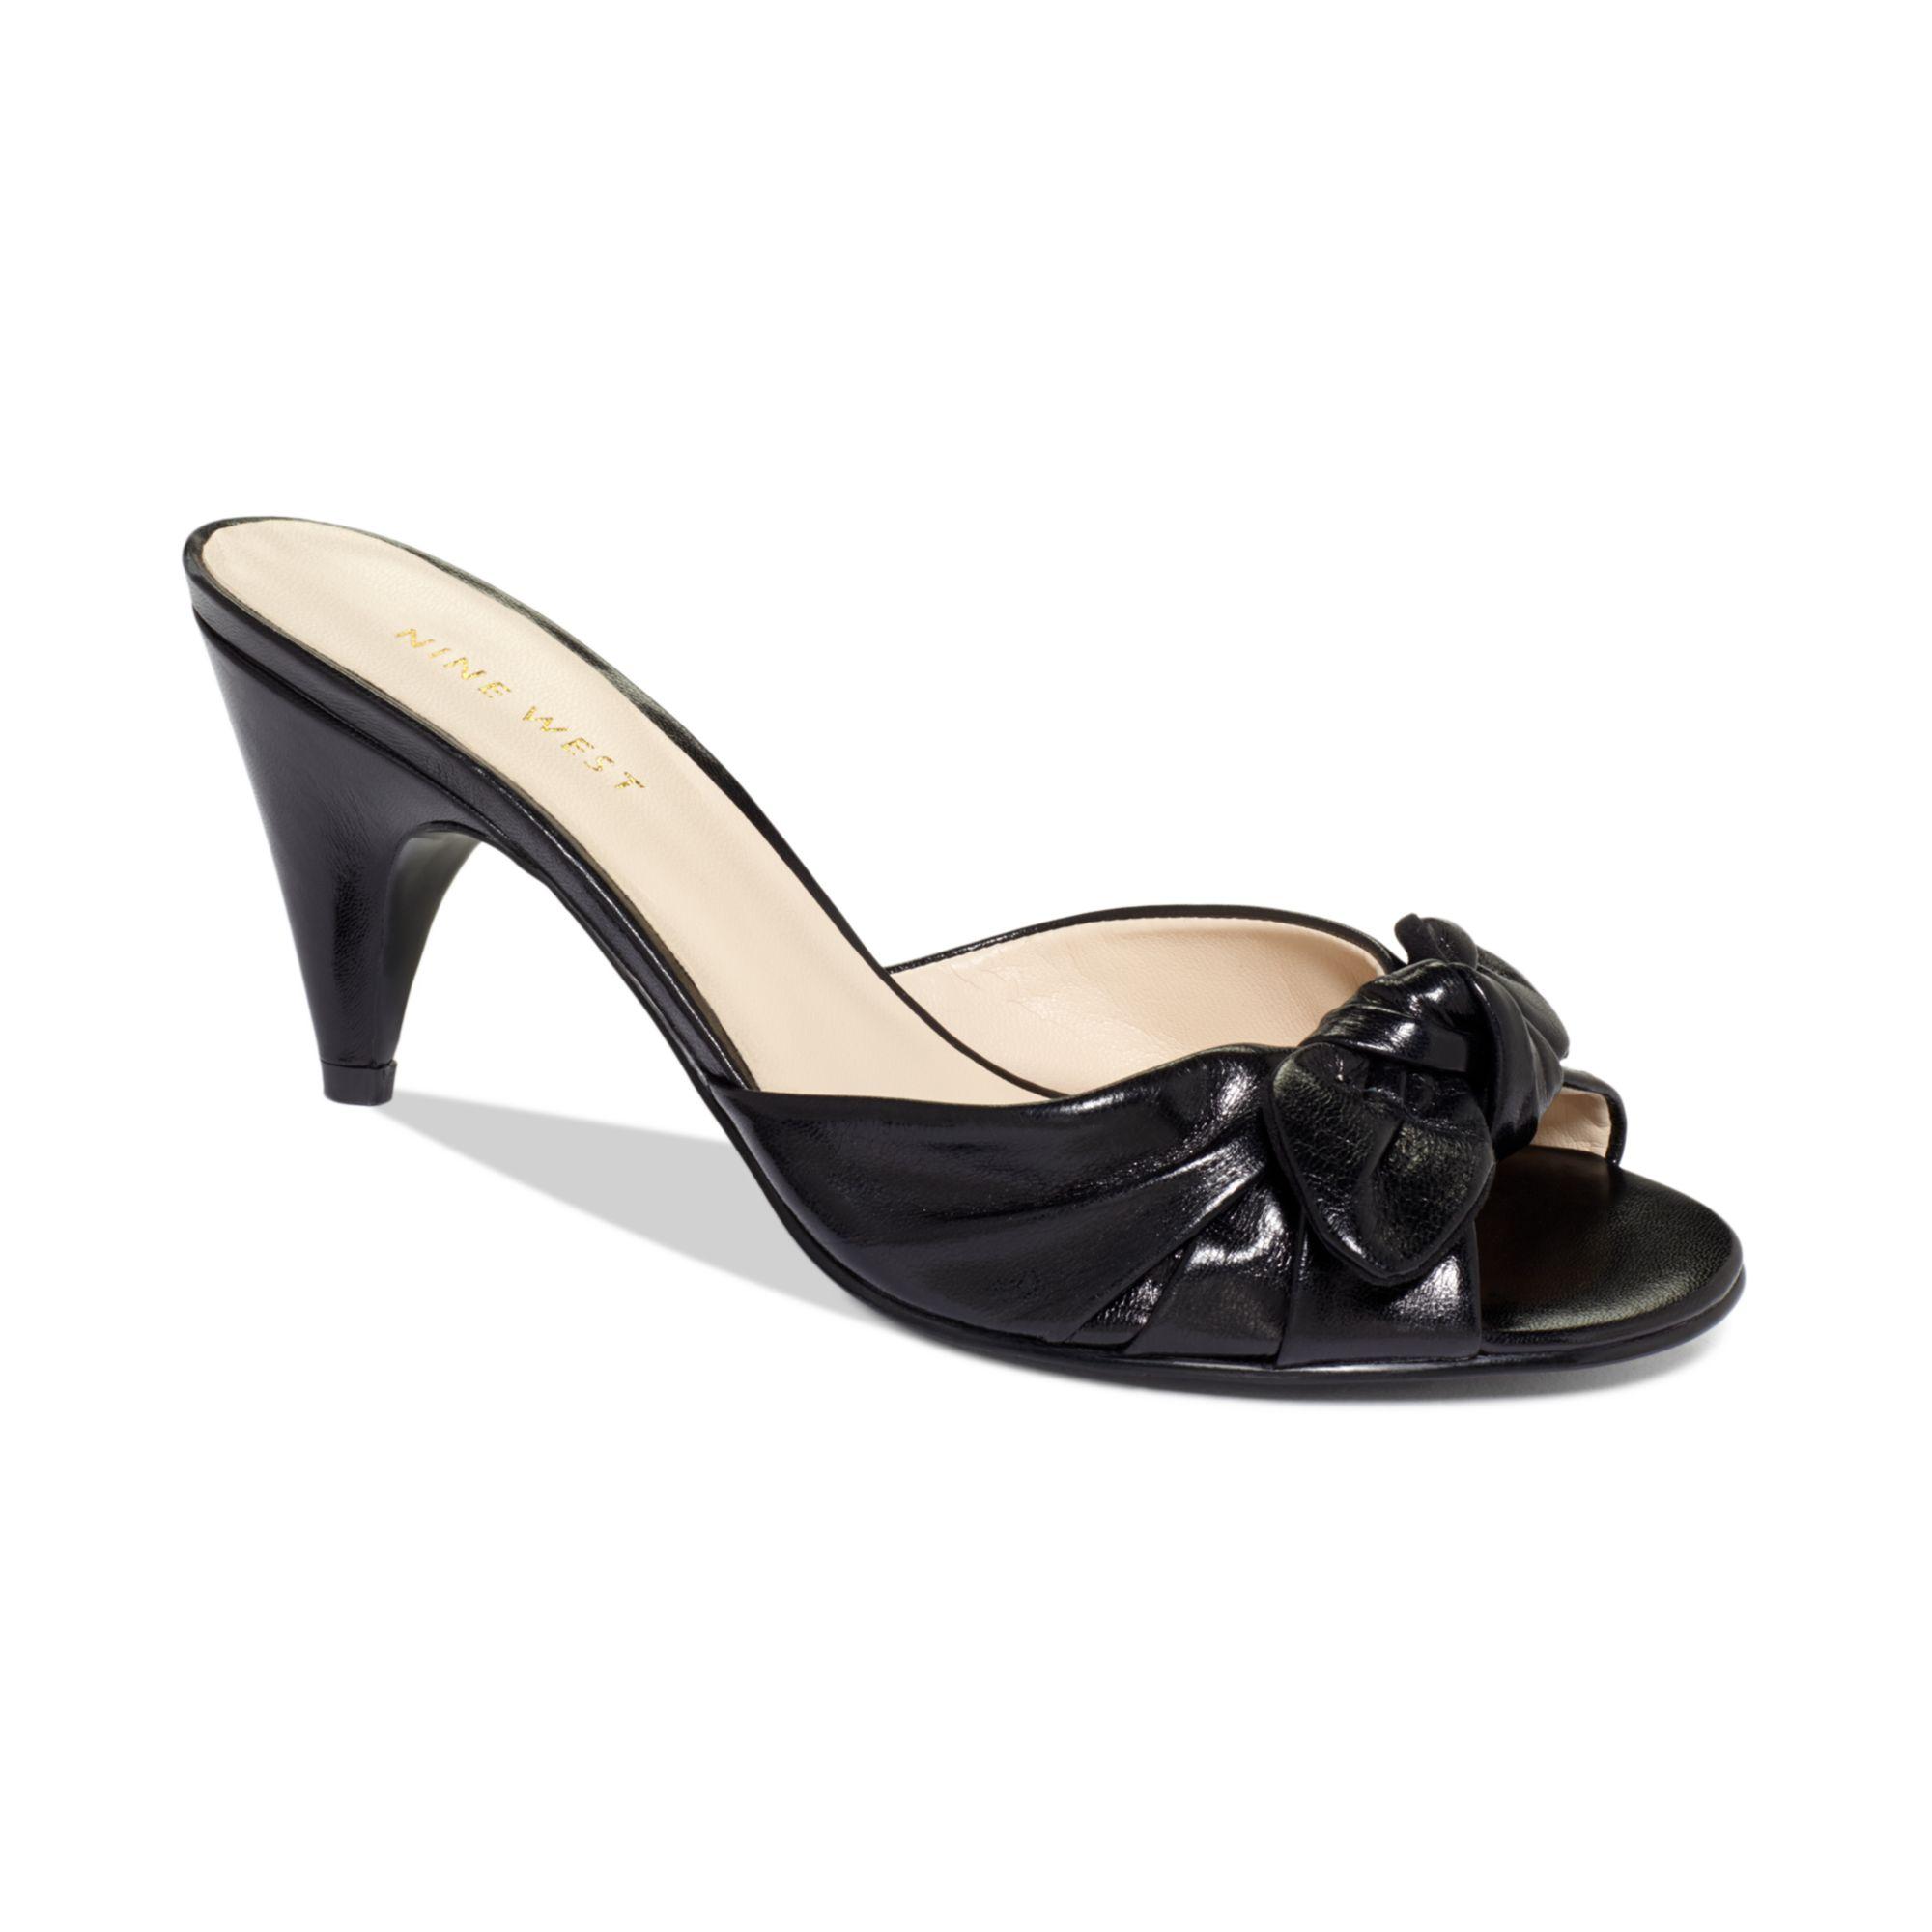 Nine West Anesa Mid Heel Mules in Black